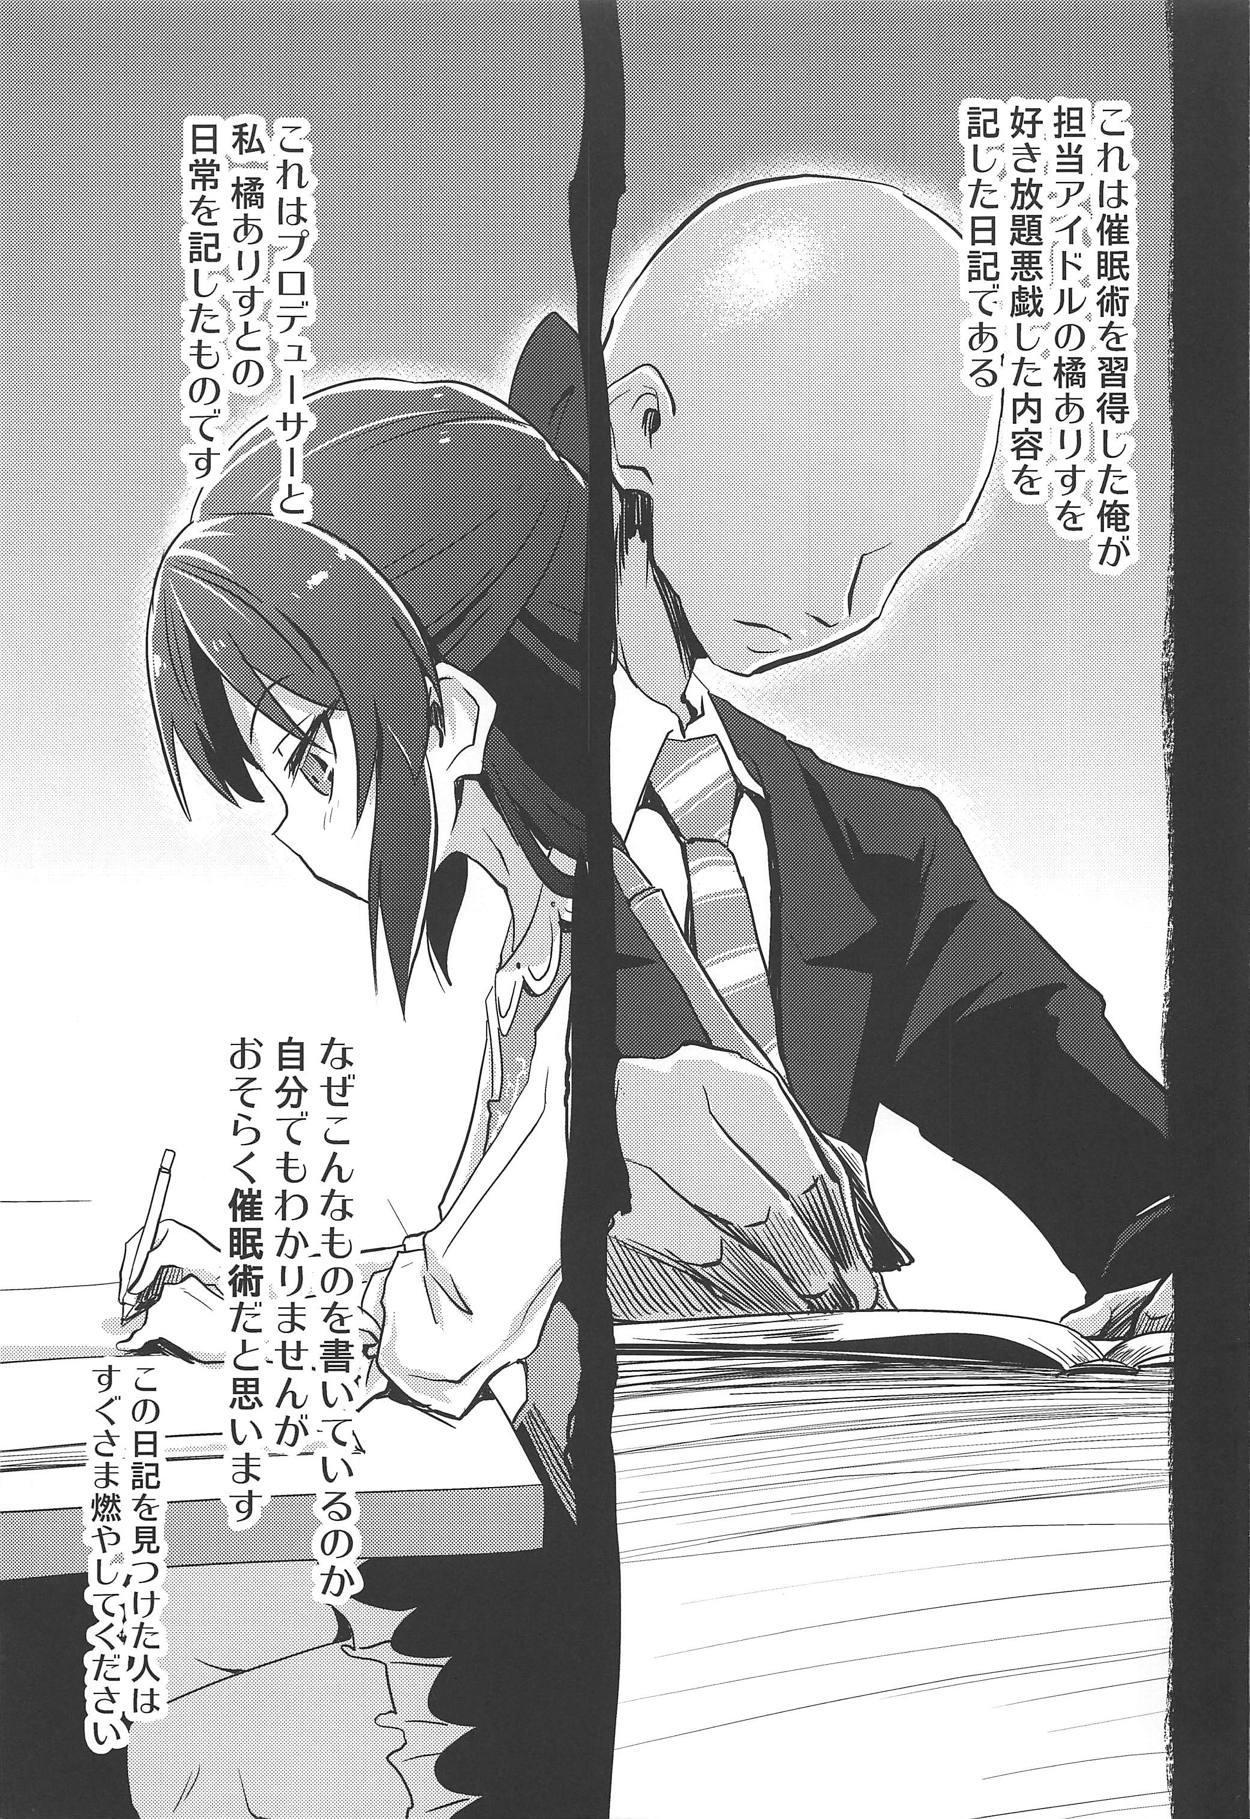 Arisu no Saimin Nikki 2 1